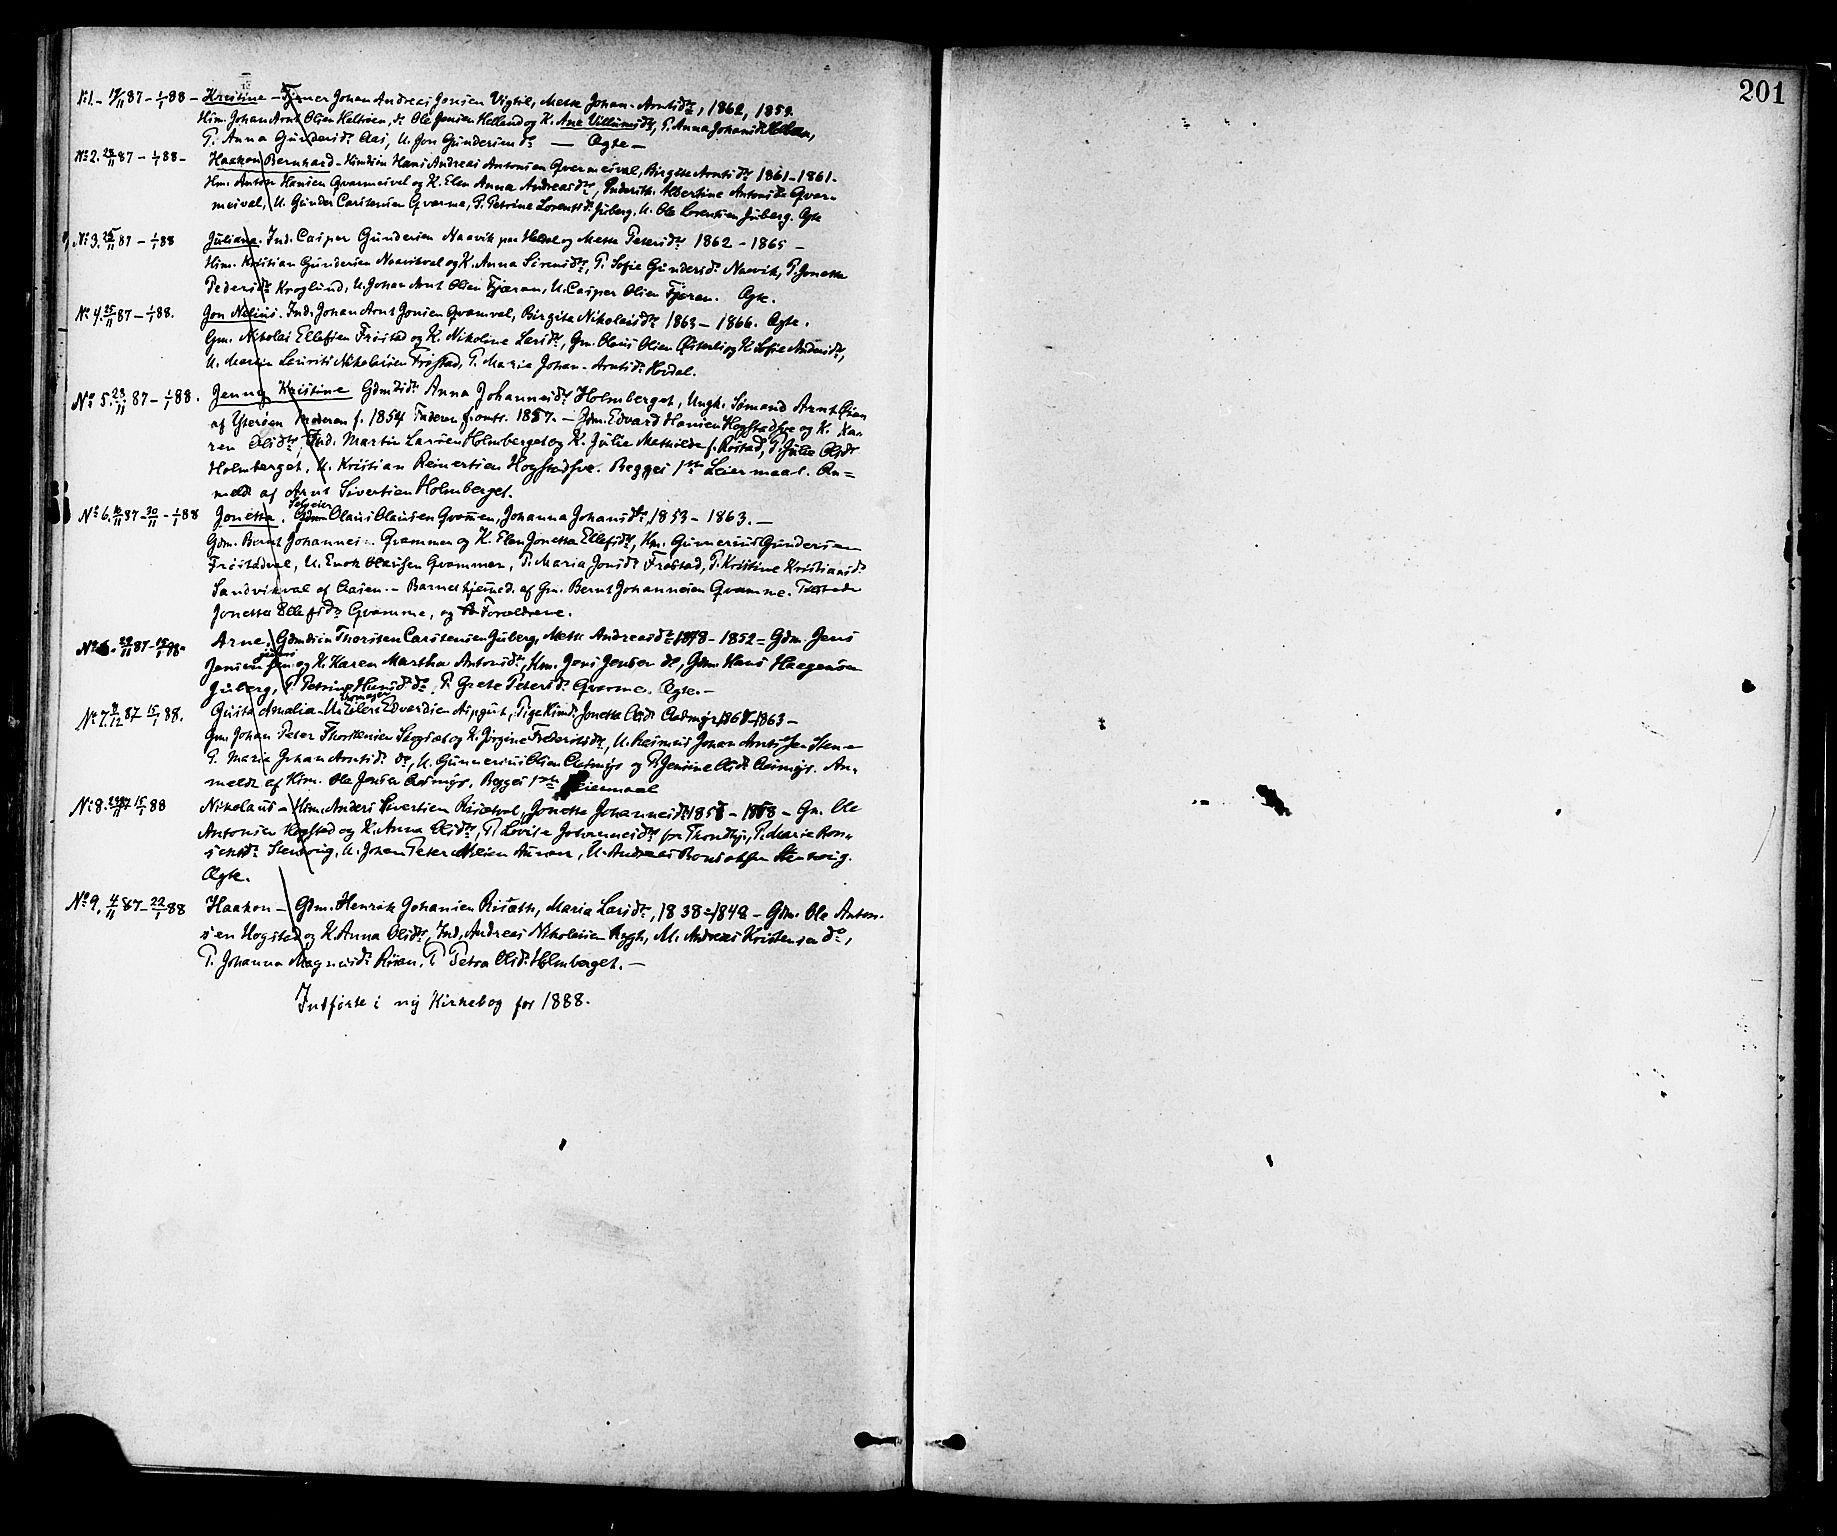 SAT, Ministerialprotokoller, klokkerbøker og fødselsregistre - Nord-Trøndelag, 713/L0120: Ministerialbok nr. 713A09, 1878-1887, s. 201